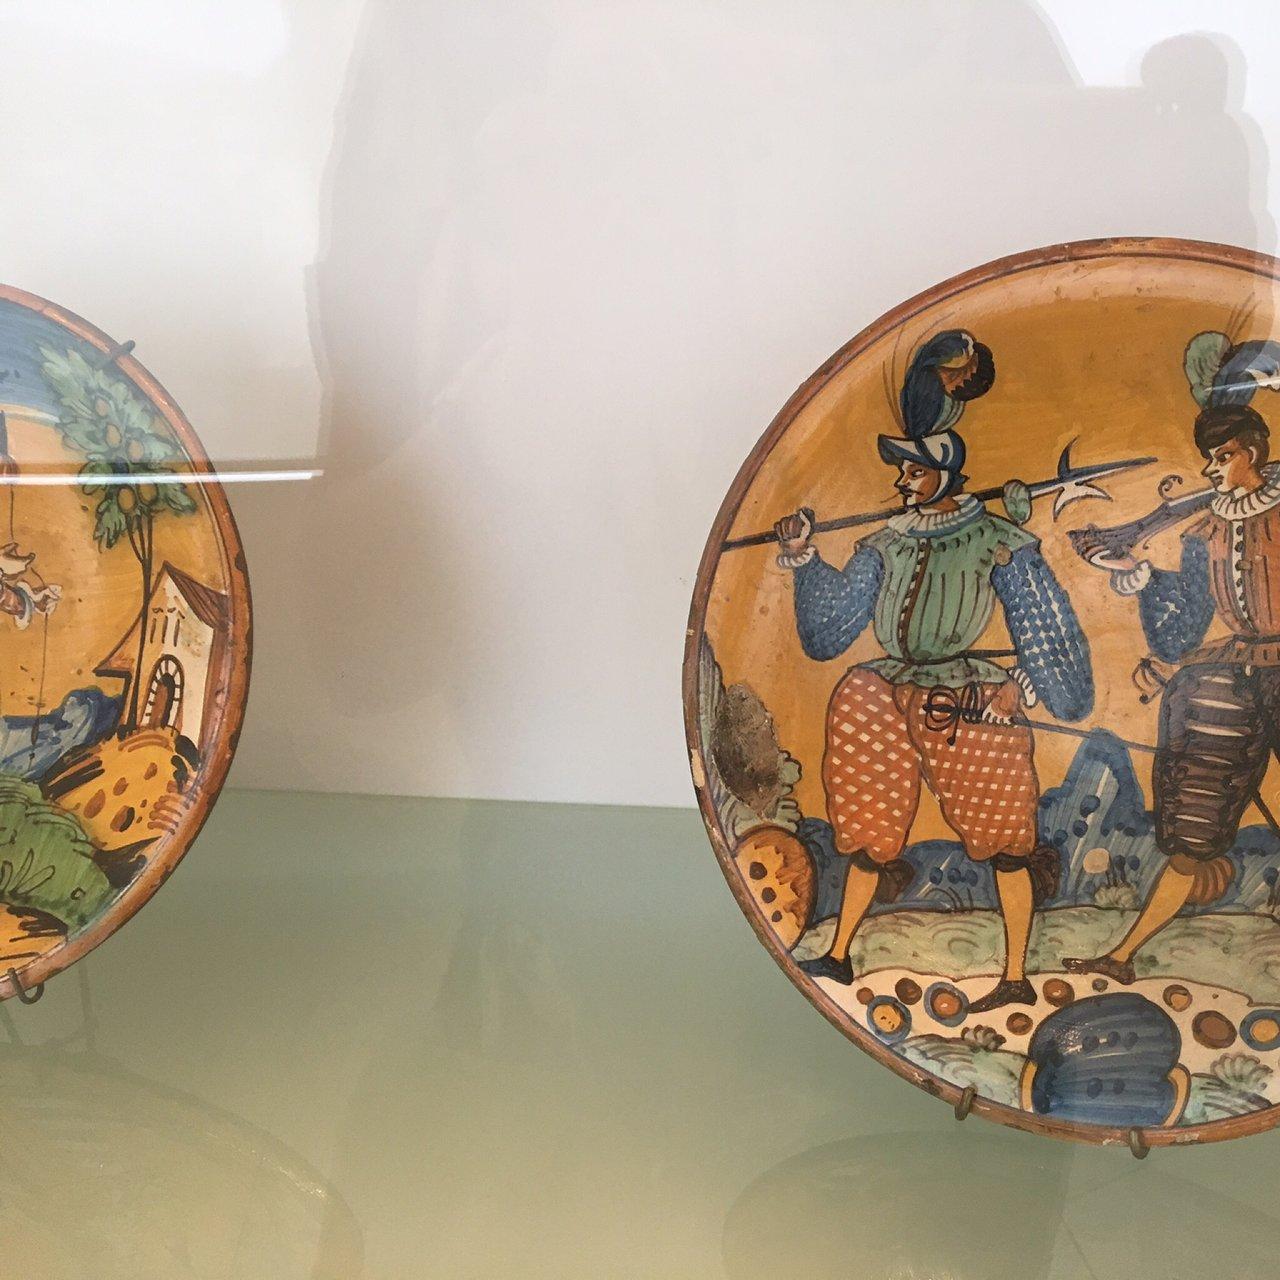 Ceramiche Toscane Montelupo Fiorentino museo della ceramica (montelupo fiorentino) - 2020 all you